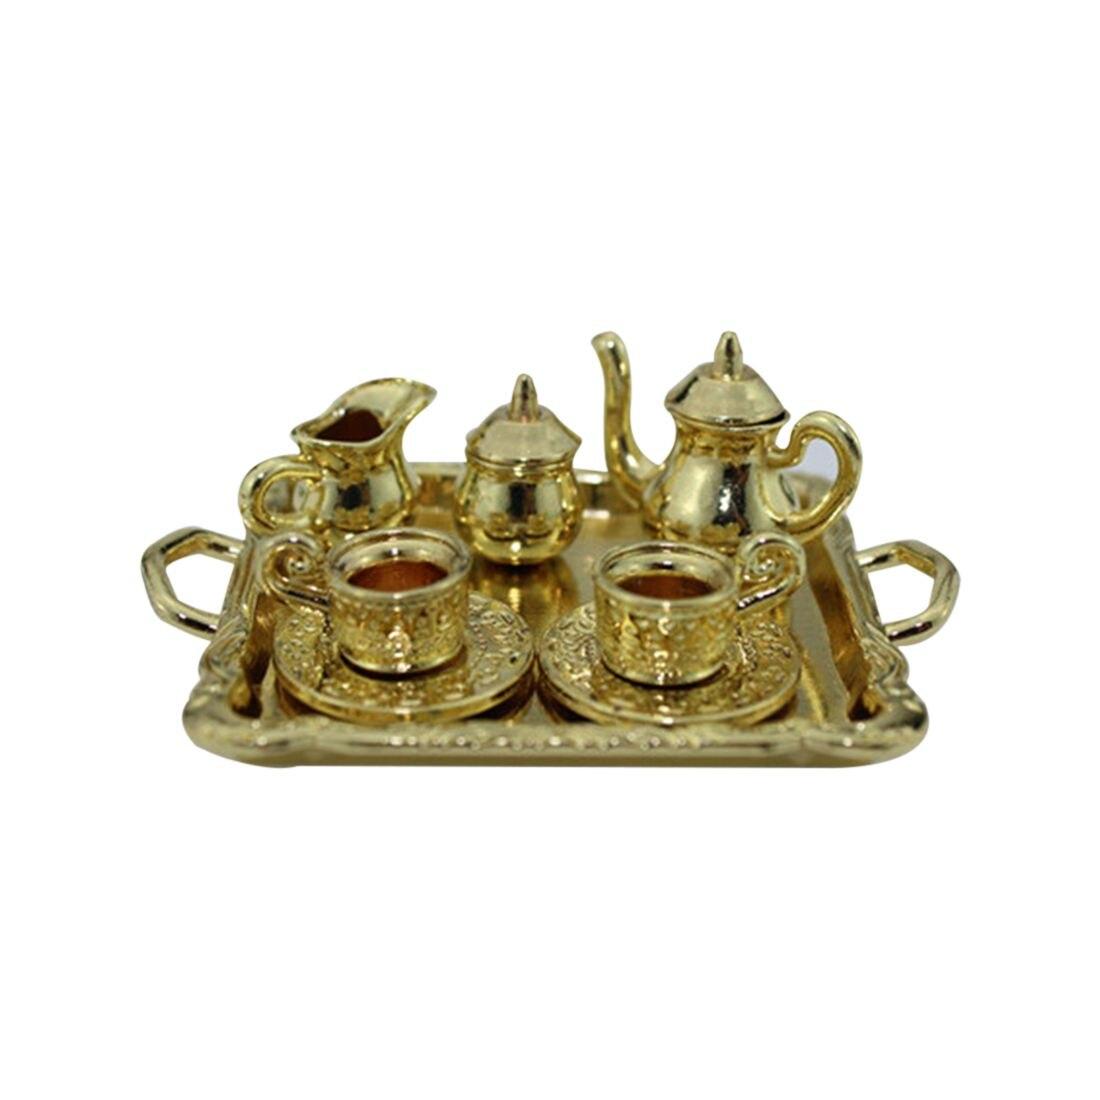 1: 12 mueble miniatura para casa de muñecas juego de vajilla de comedor 8 Uds juego de té de Metal taza de tetera plato de longitud 6,5 cm